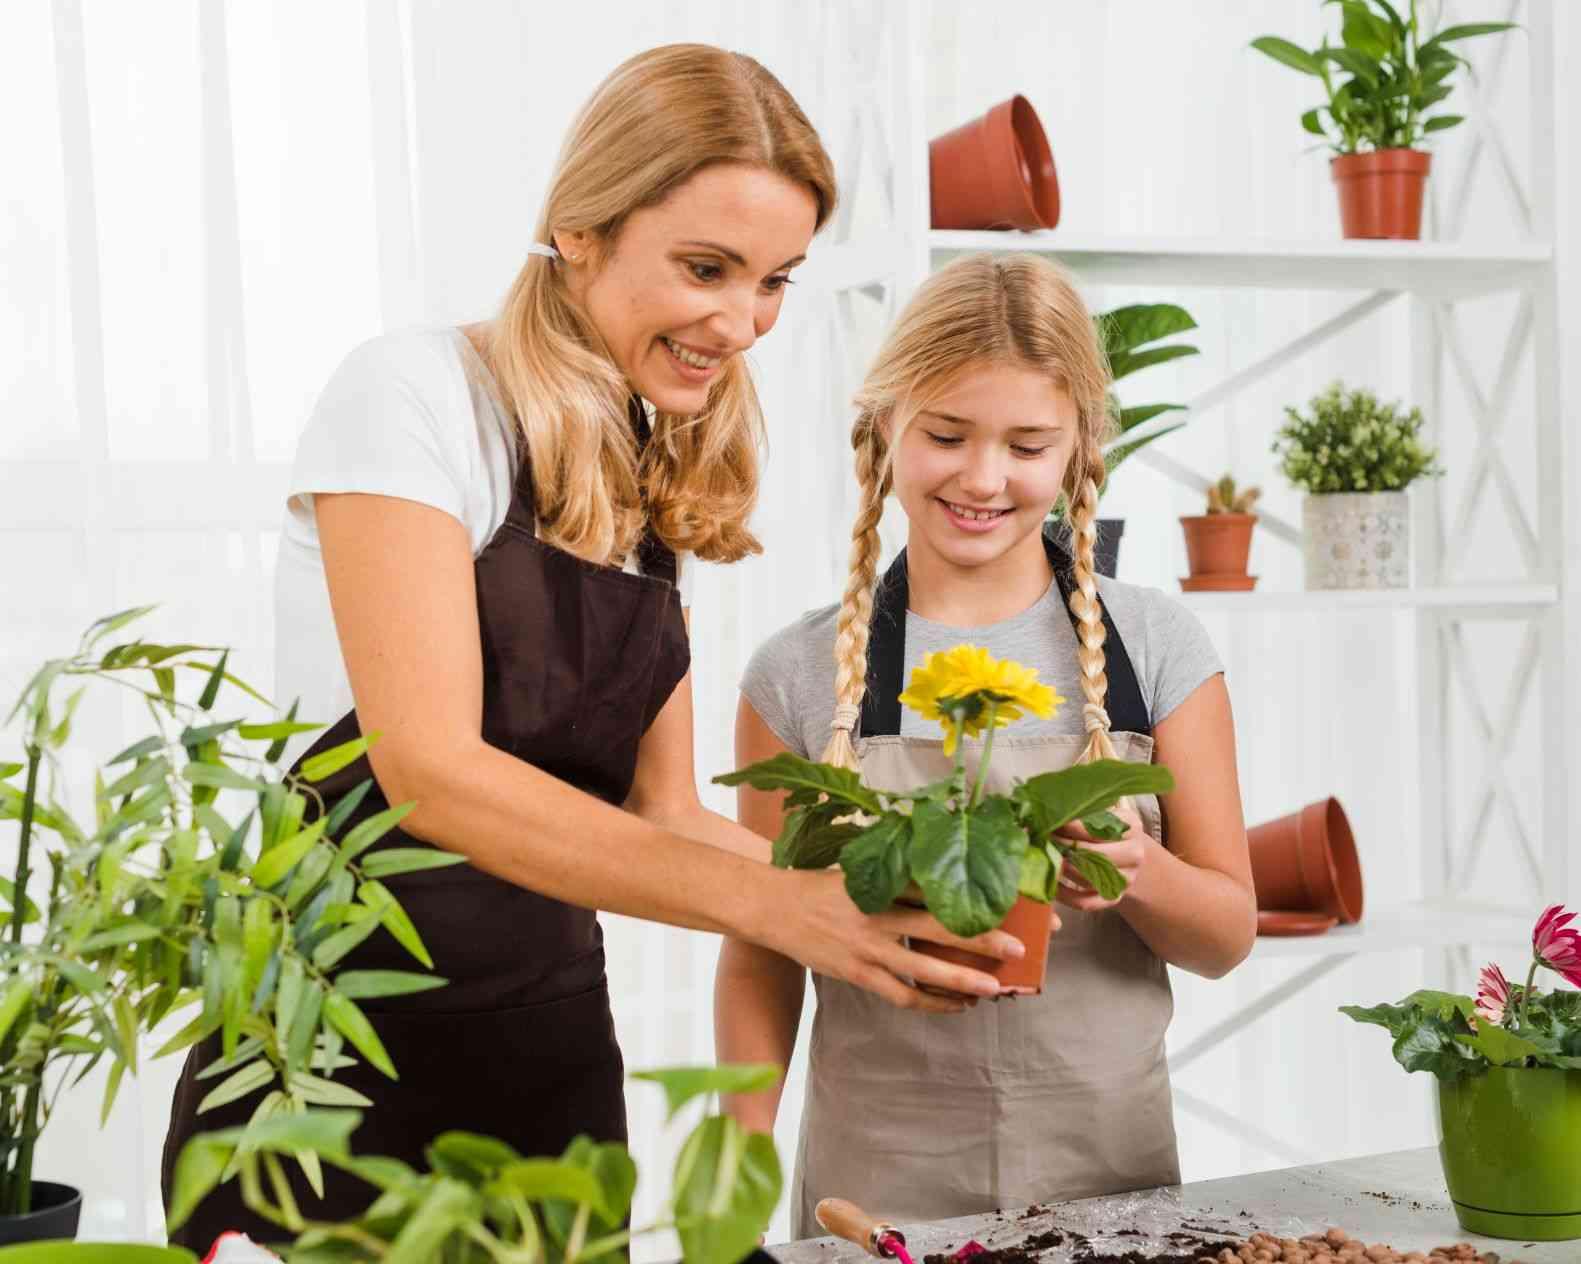 Aprenda a fazer um jardim suspenso com pallets - Freepik